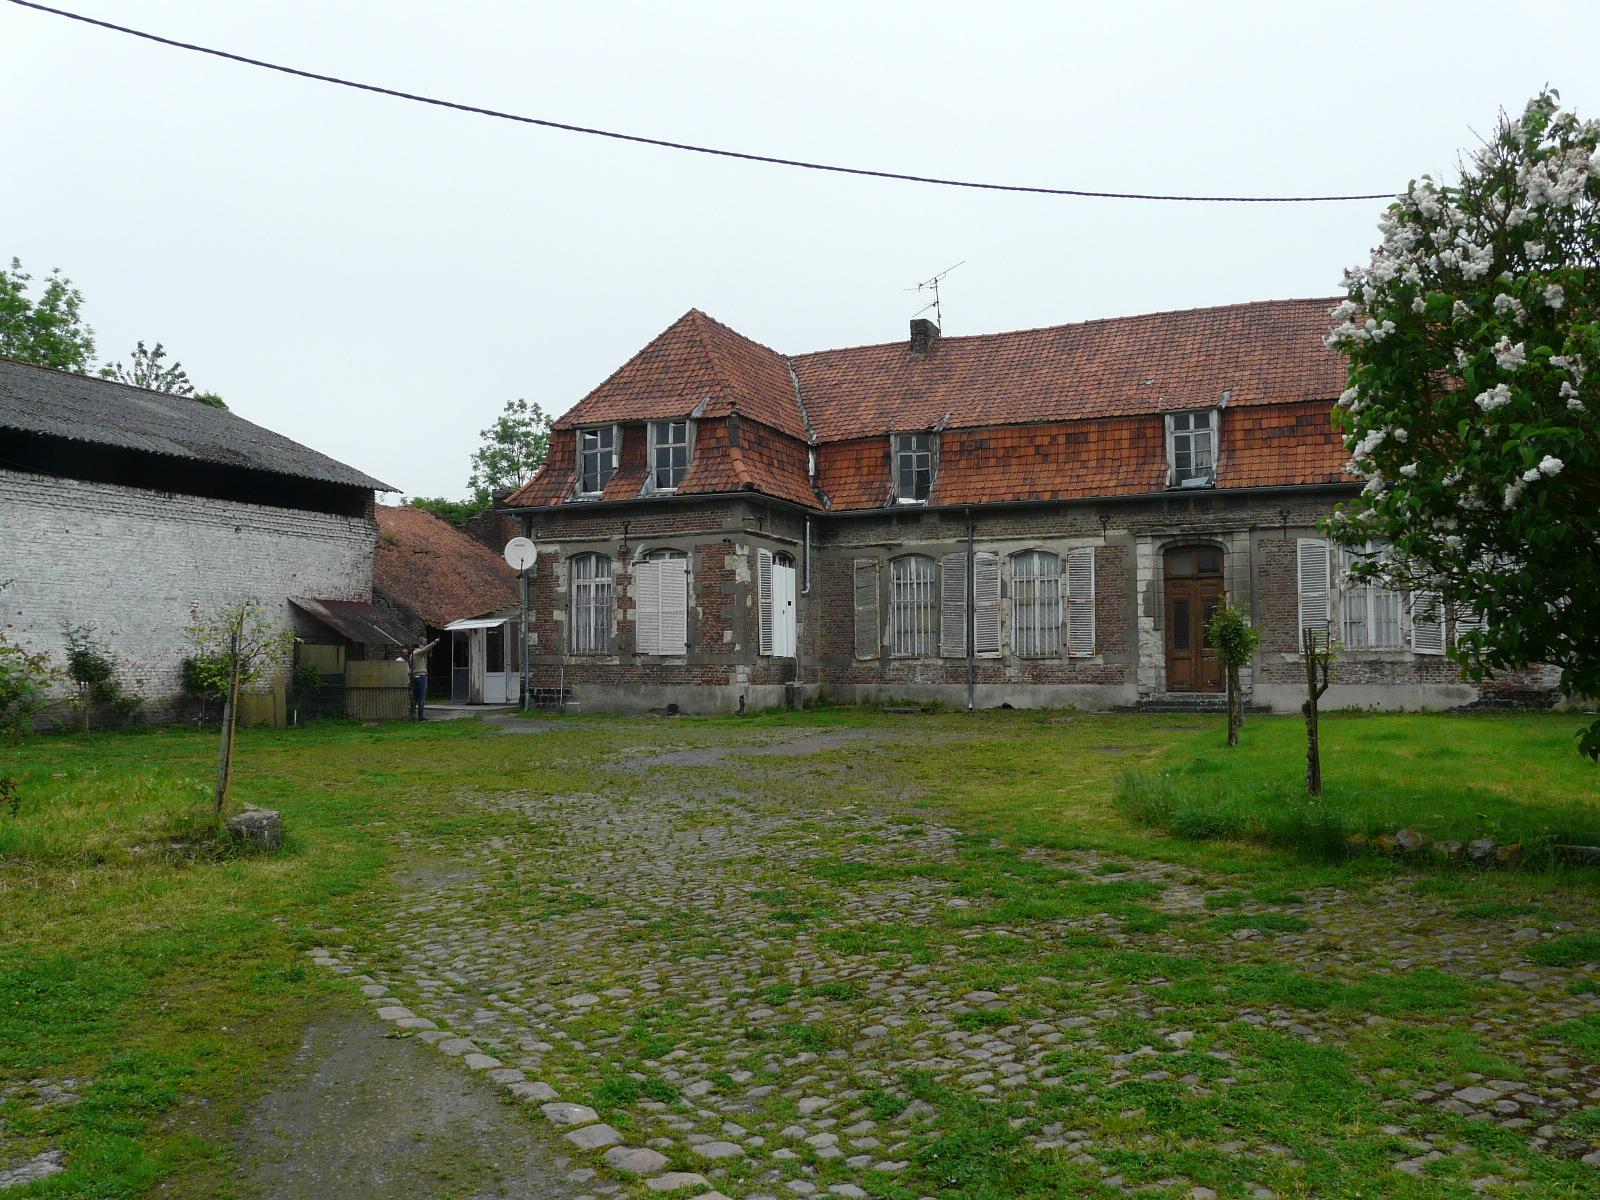 Renouvellement urbain et ecologique en milieu rural for En milieu rural